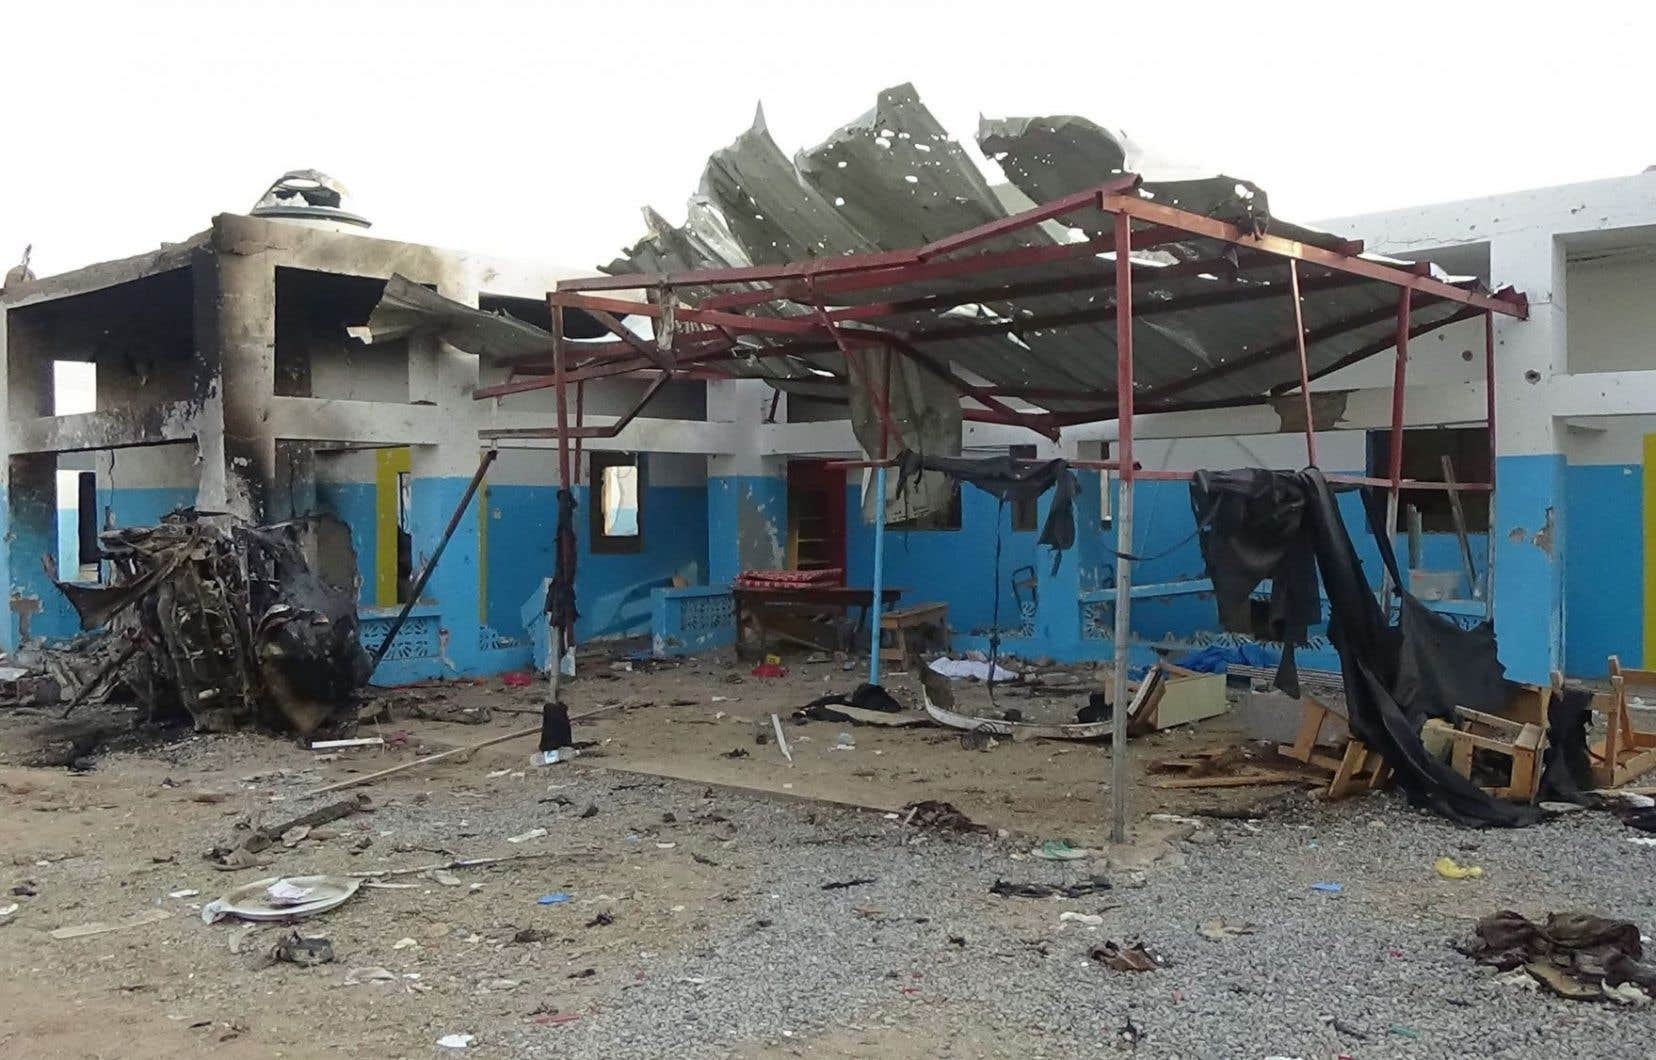 Le raid contre l'hôpital d'Abs (nord du Yémen) avait fait 19 morts et 24 blessés, selon Médecins sans frontières.